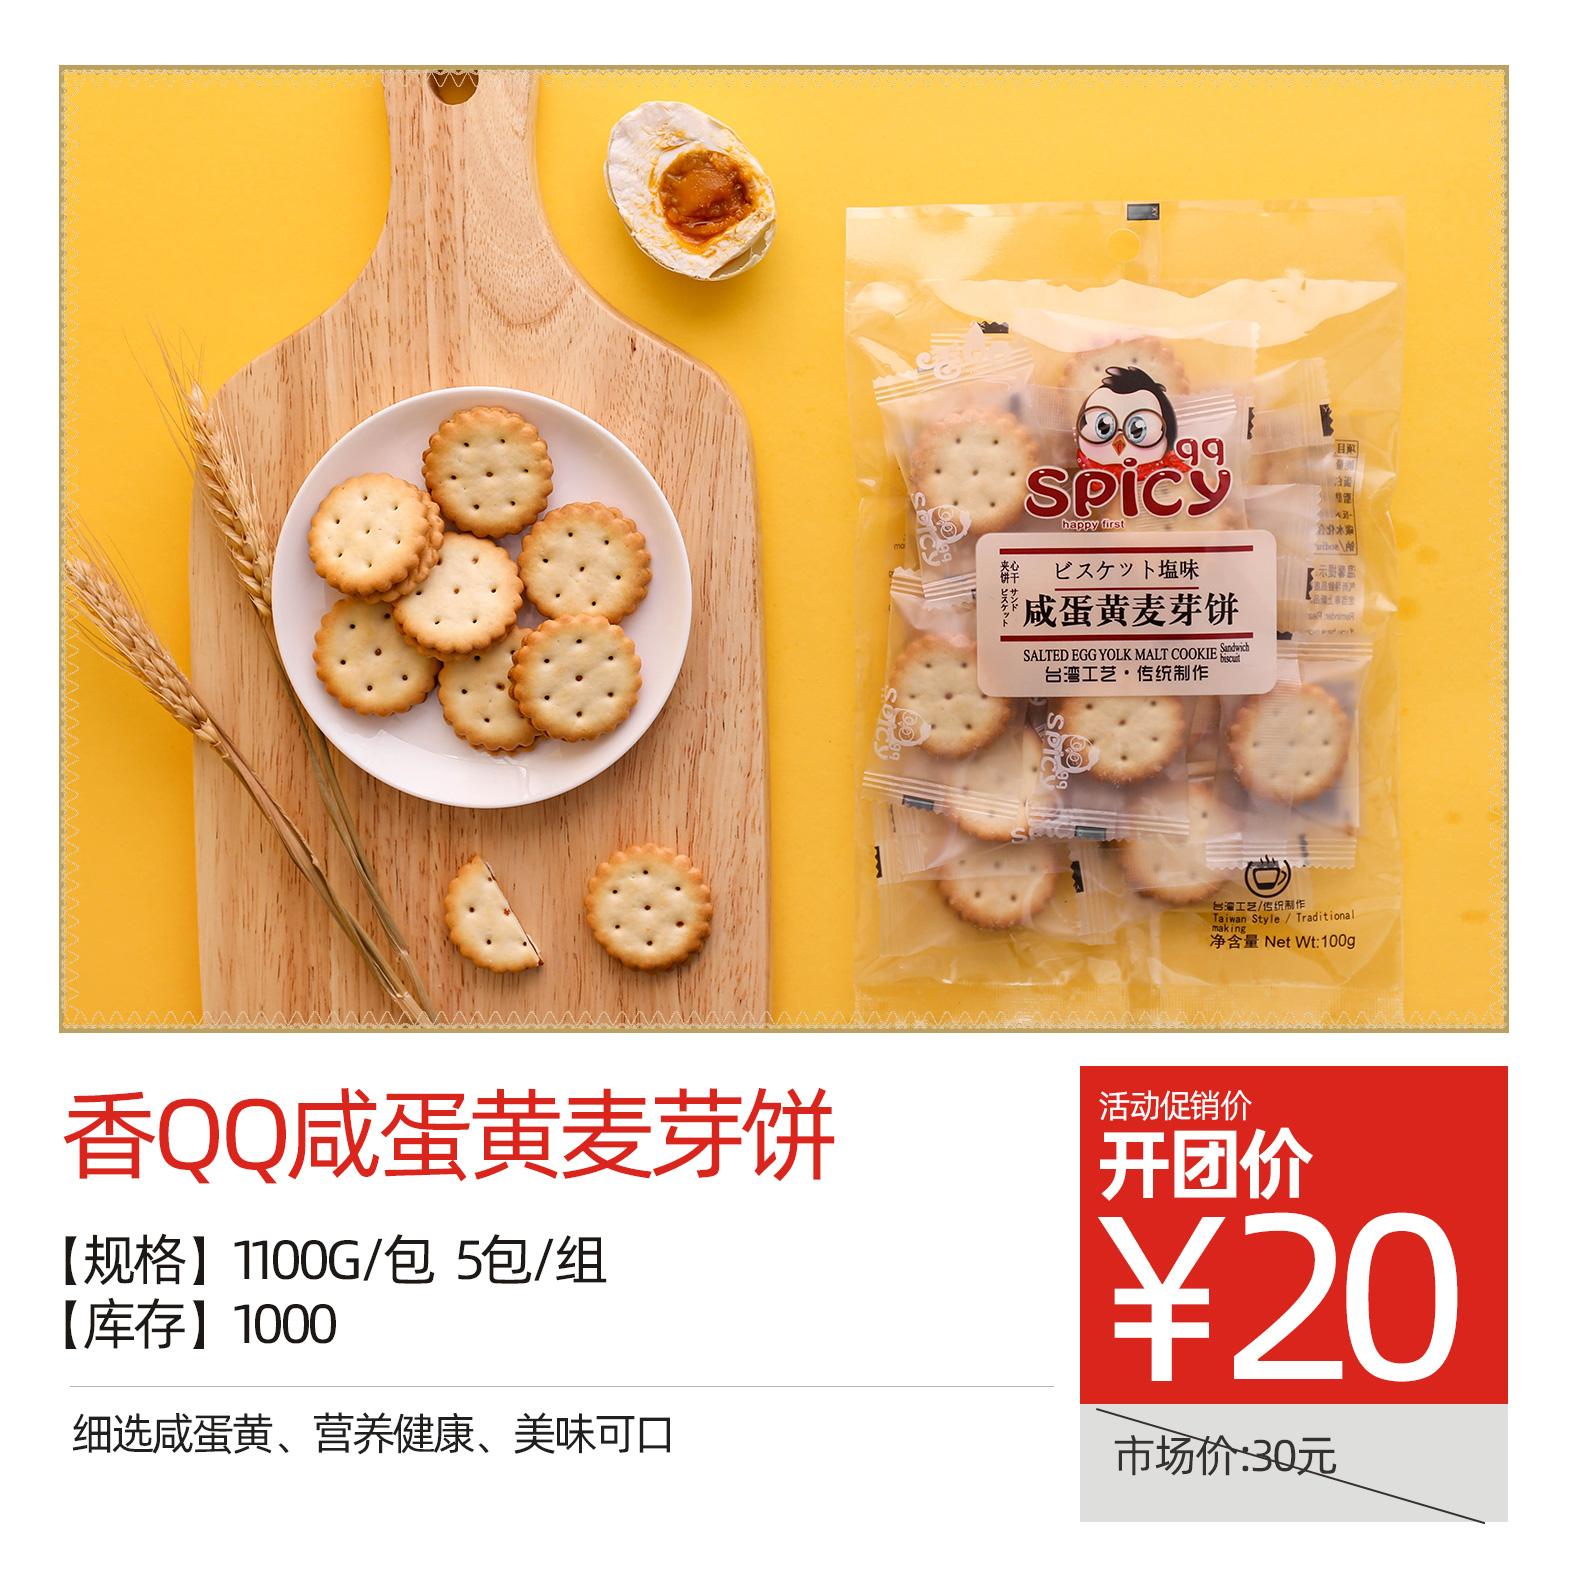 香QQ咸蛋黄麦芽饼